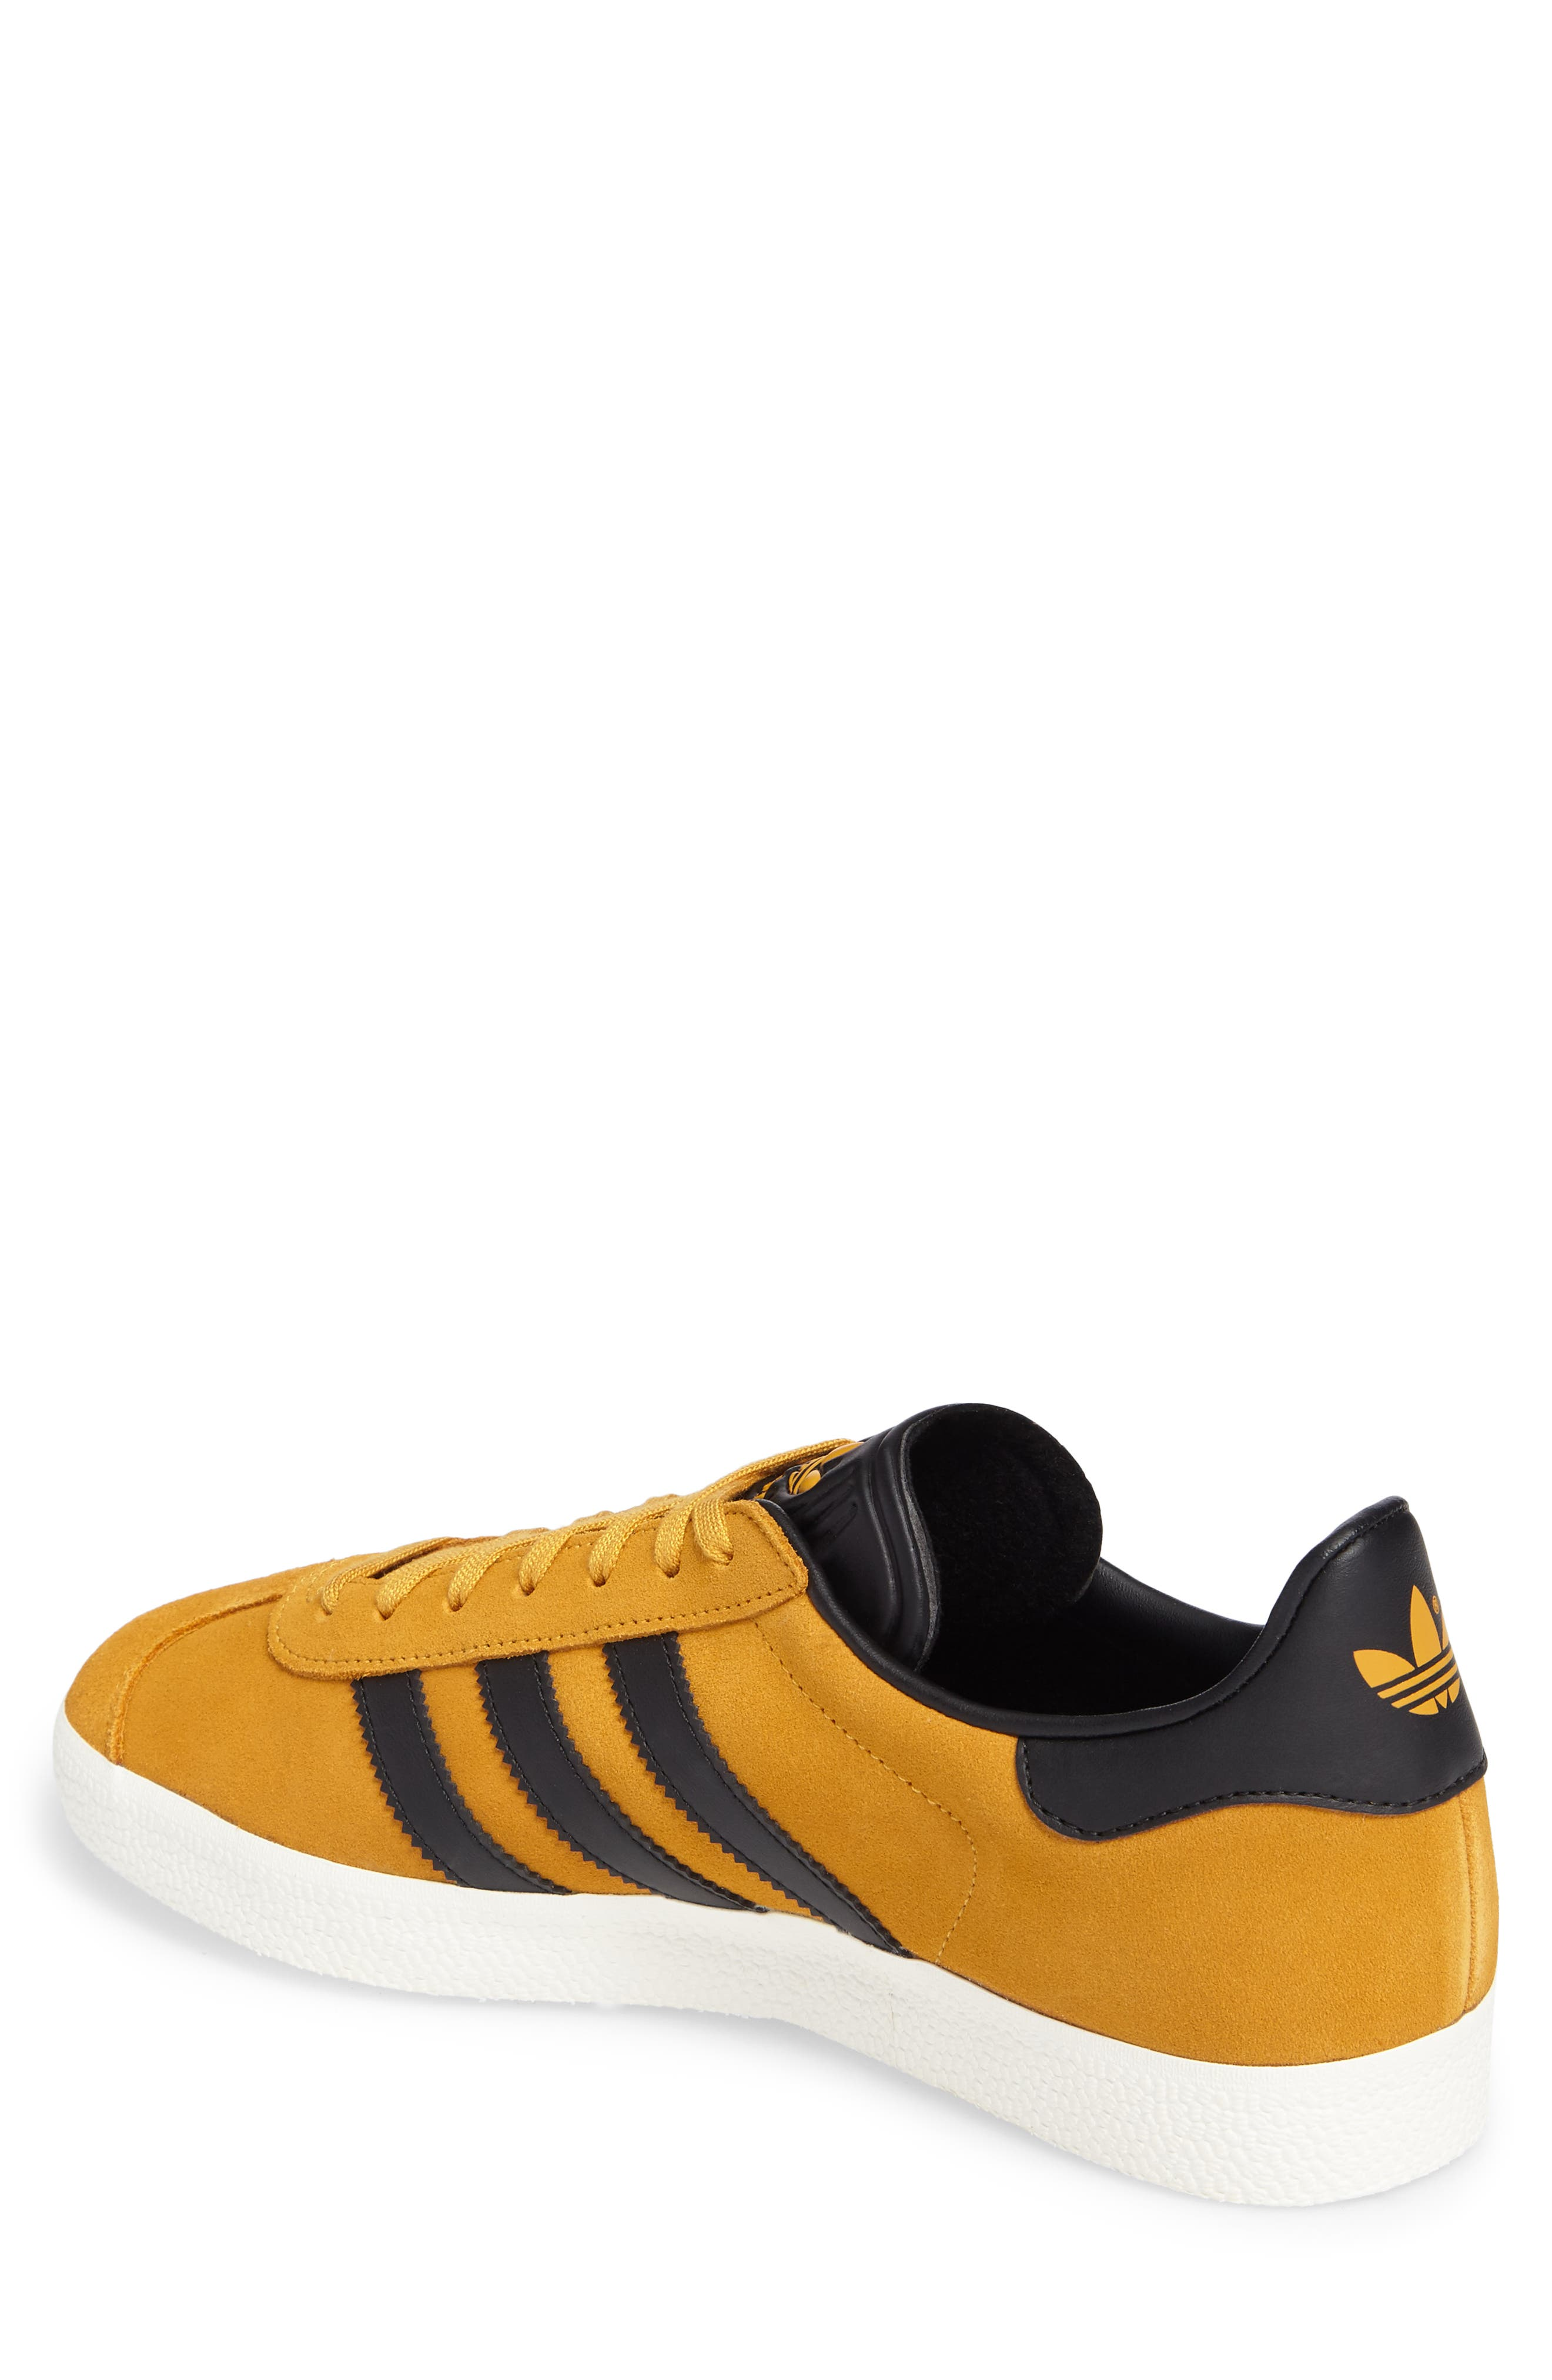 Gazelle Sneaker,                             Alternate thumbnail 2, color,                             Yellow/ Core Black/ Gold